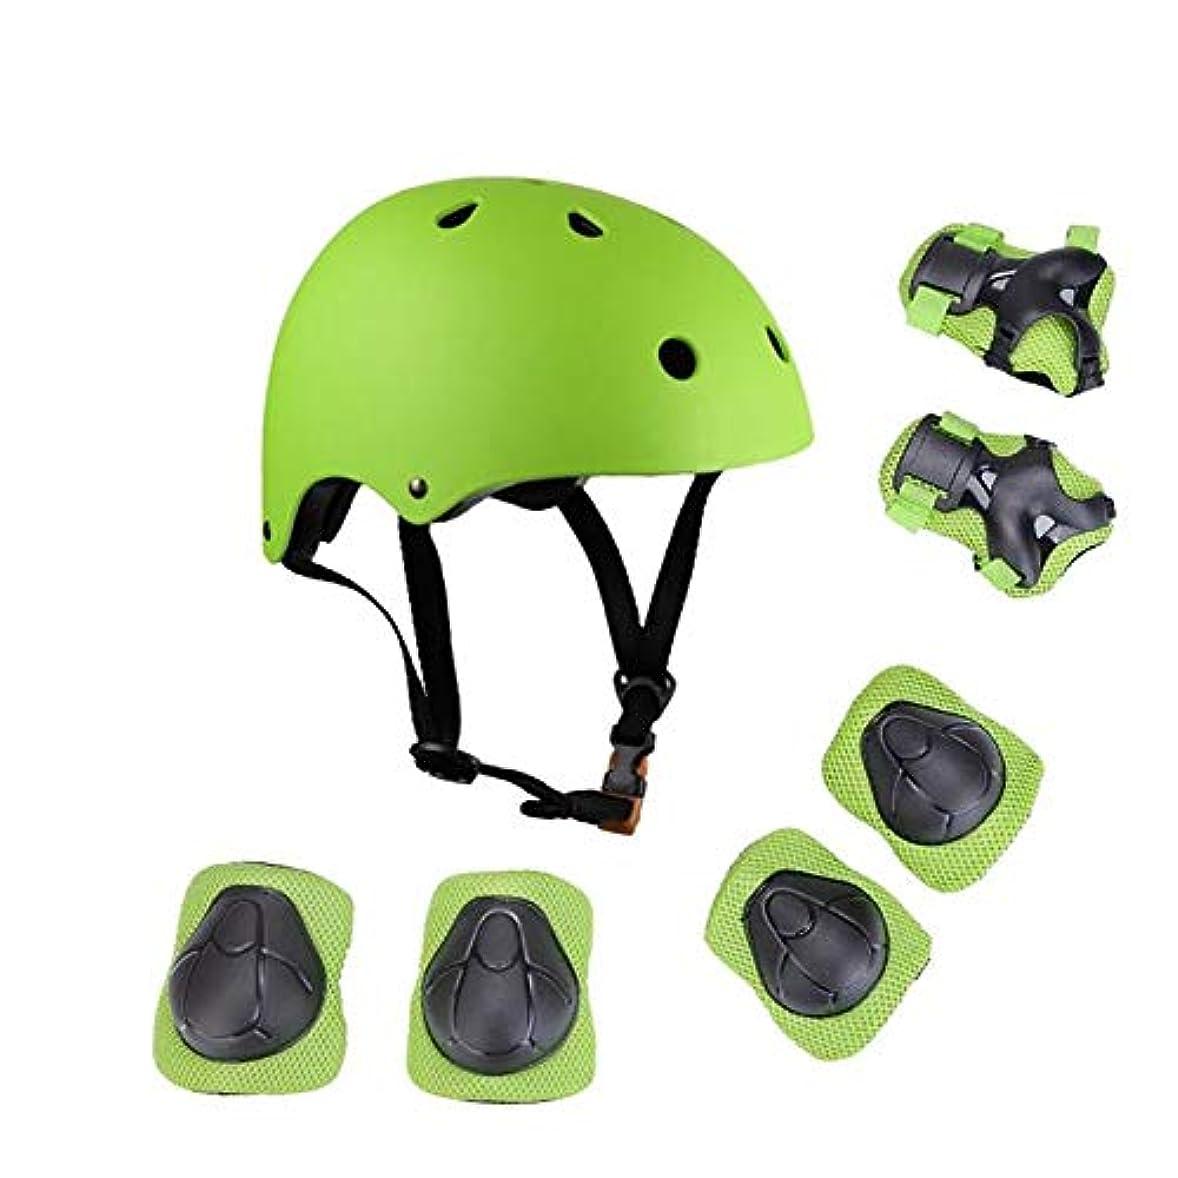 生活細分化する基本的な子供用ヘルメットセットローラースケート用保護具緑BAAYD保護フルセット乗馬肘リストバンドスケートボードスケートバランスバイク 7セット-green